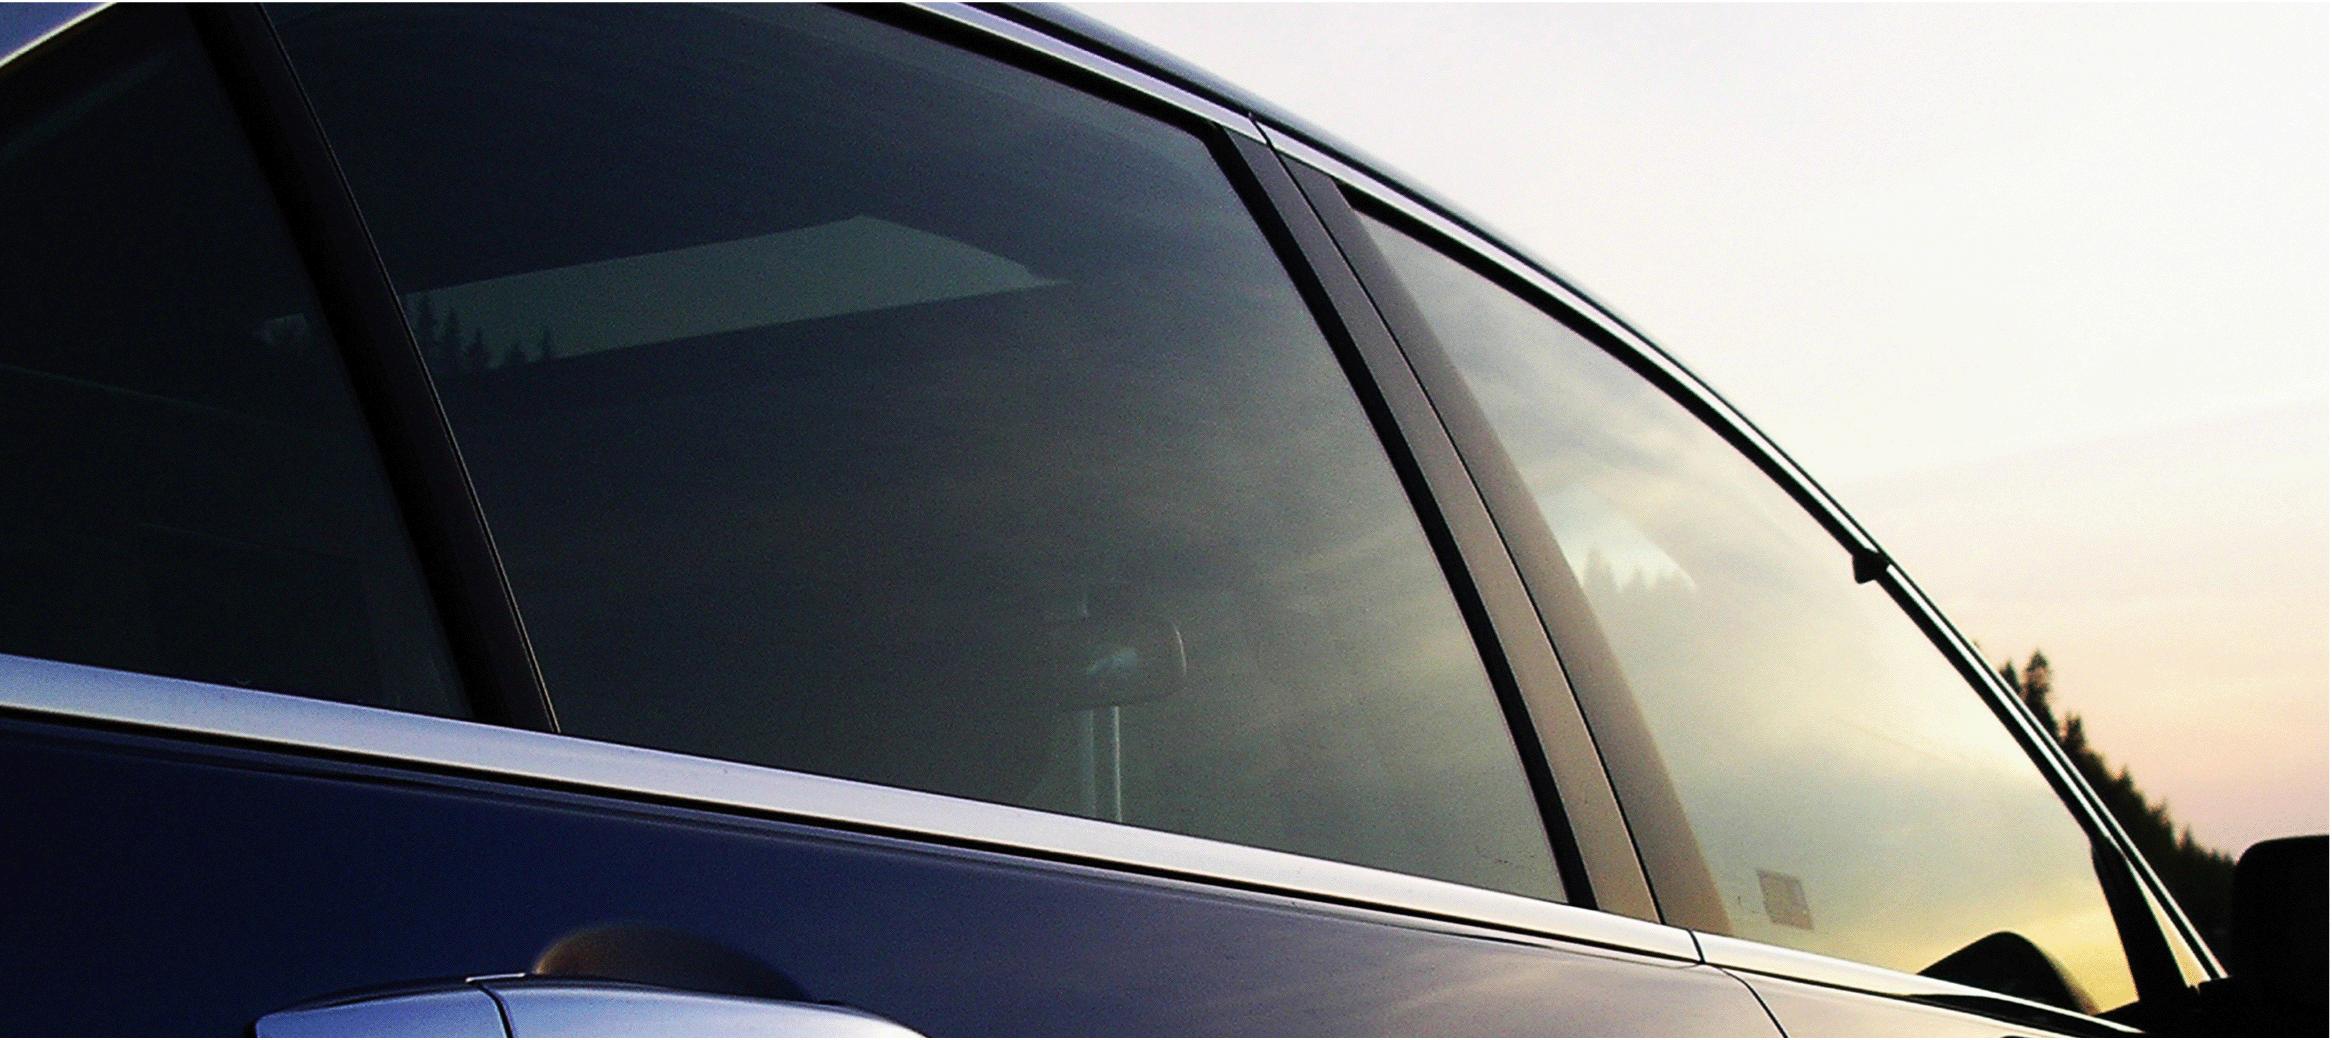 Milline autoklaaside toonimine on lubatud?